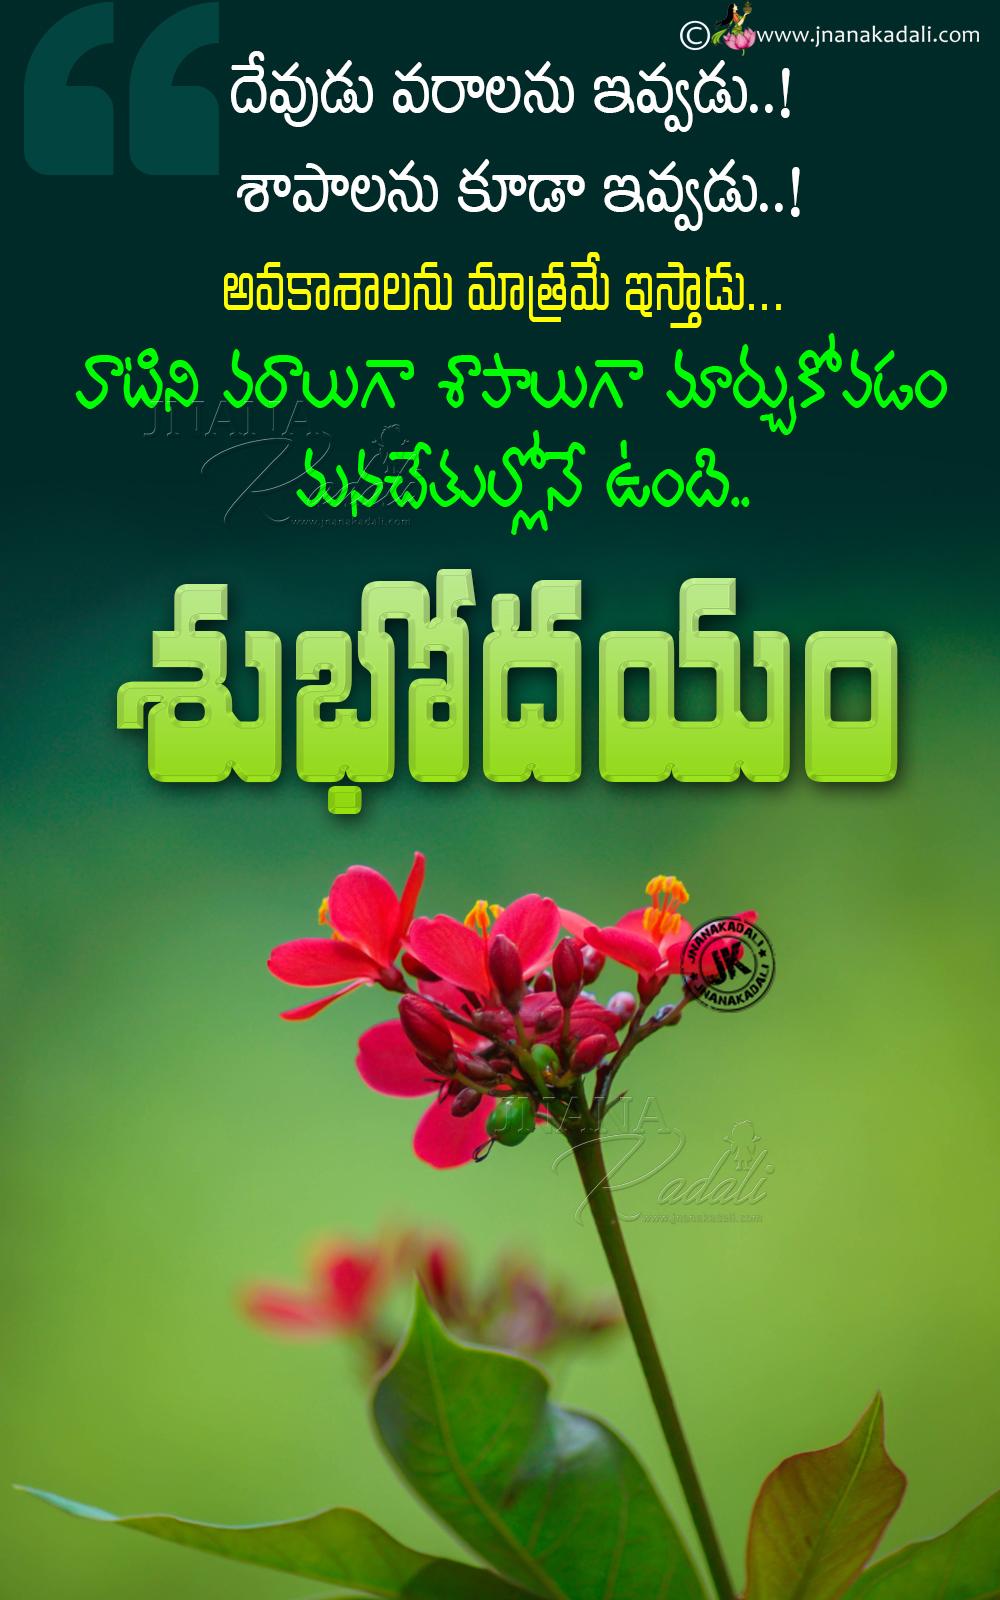 Telugu Good Morning Greetings-Best inspiring words in